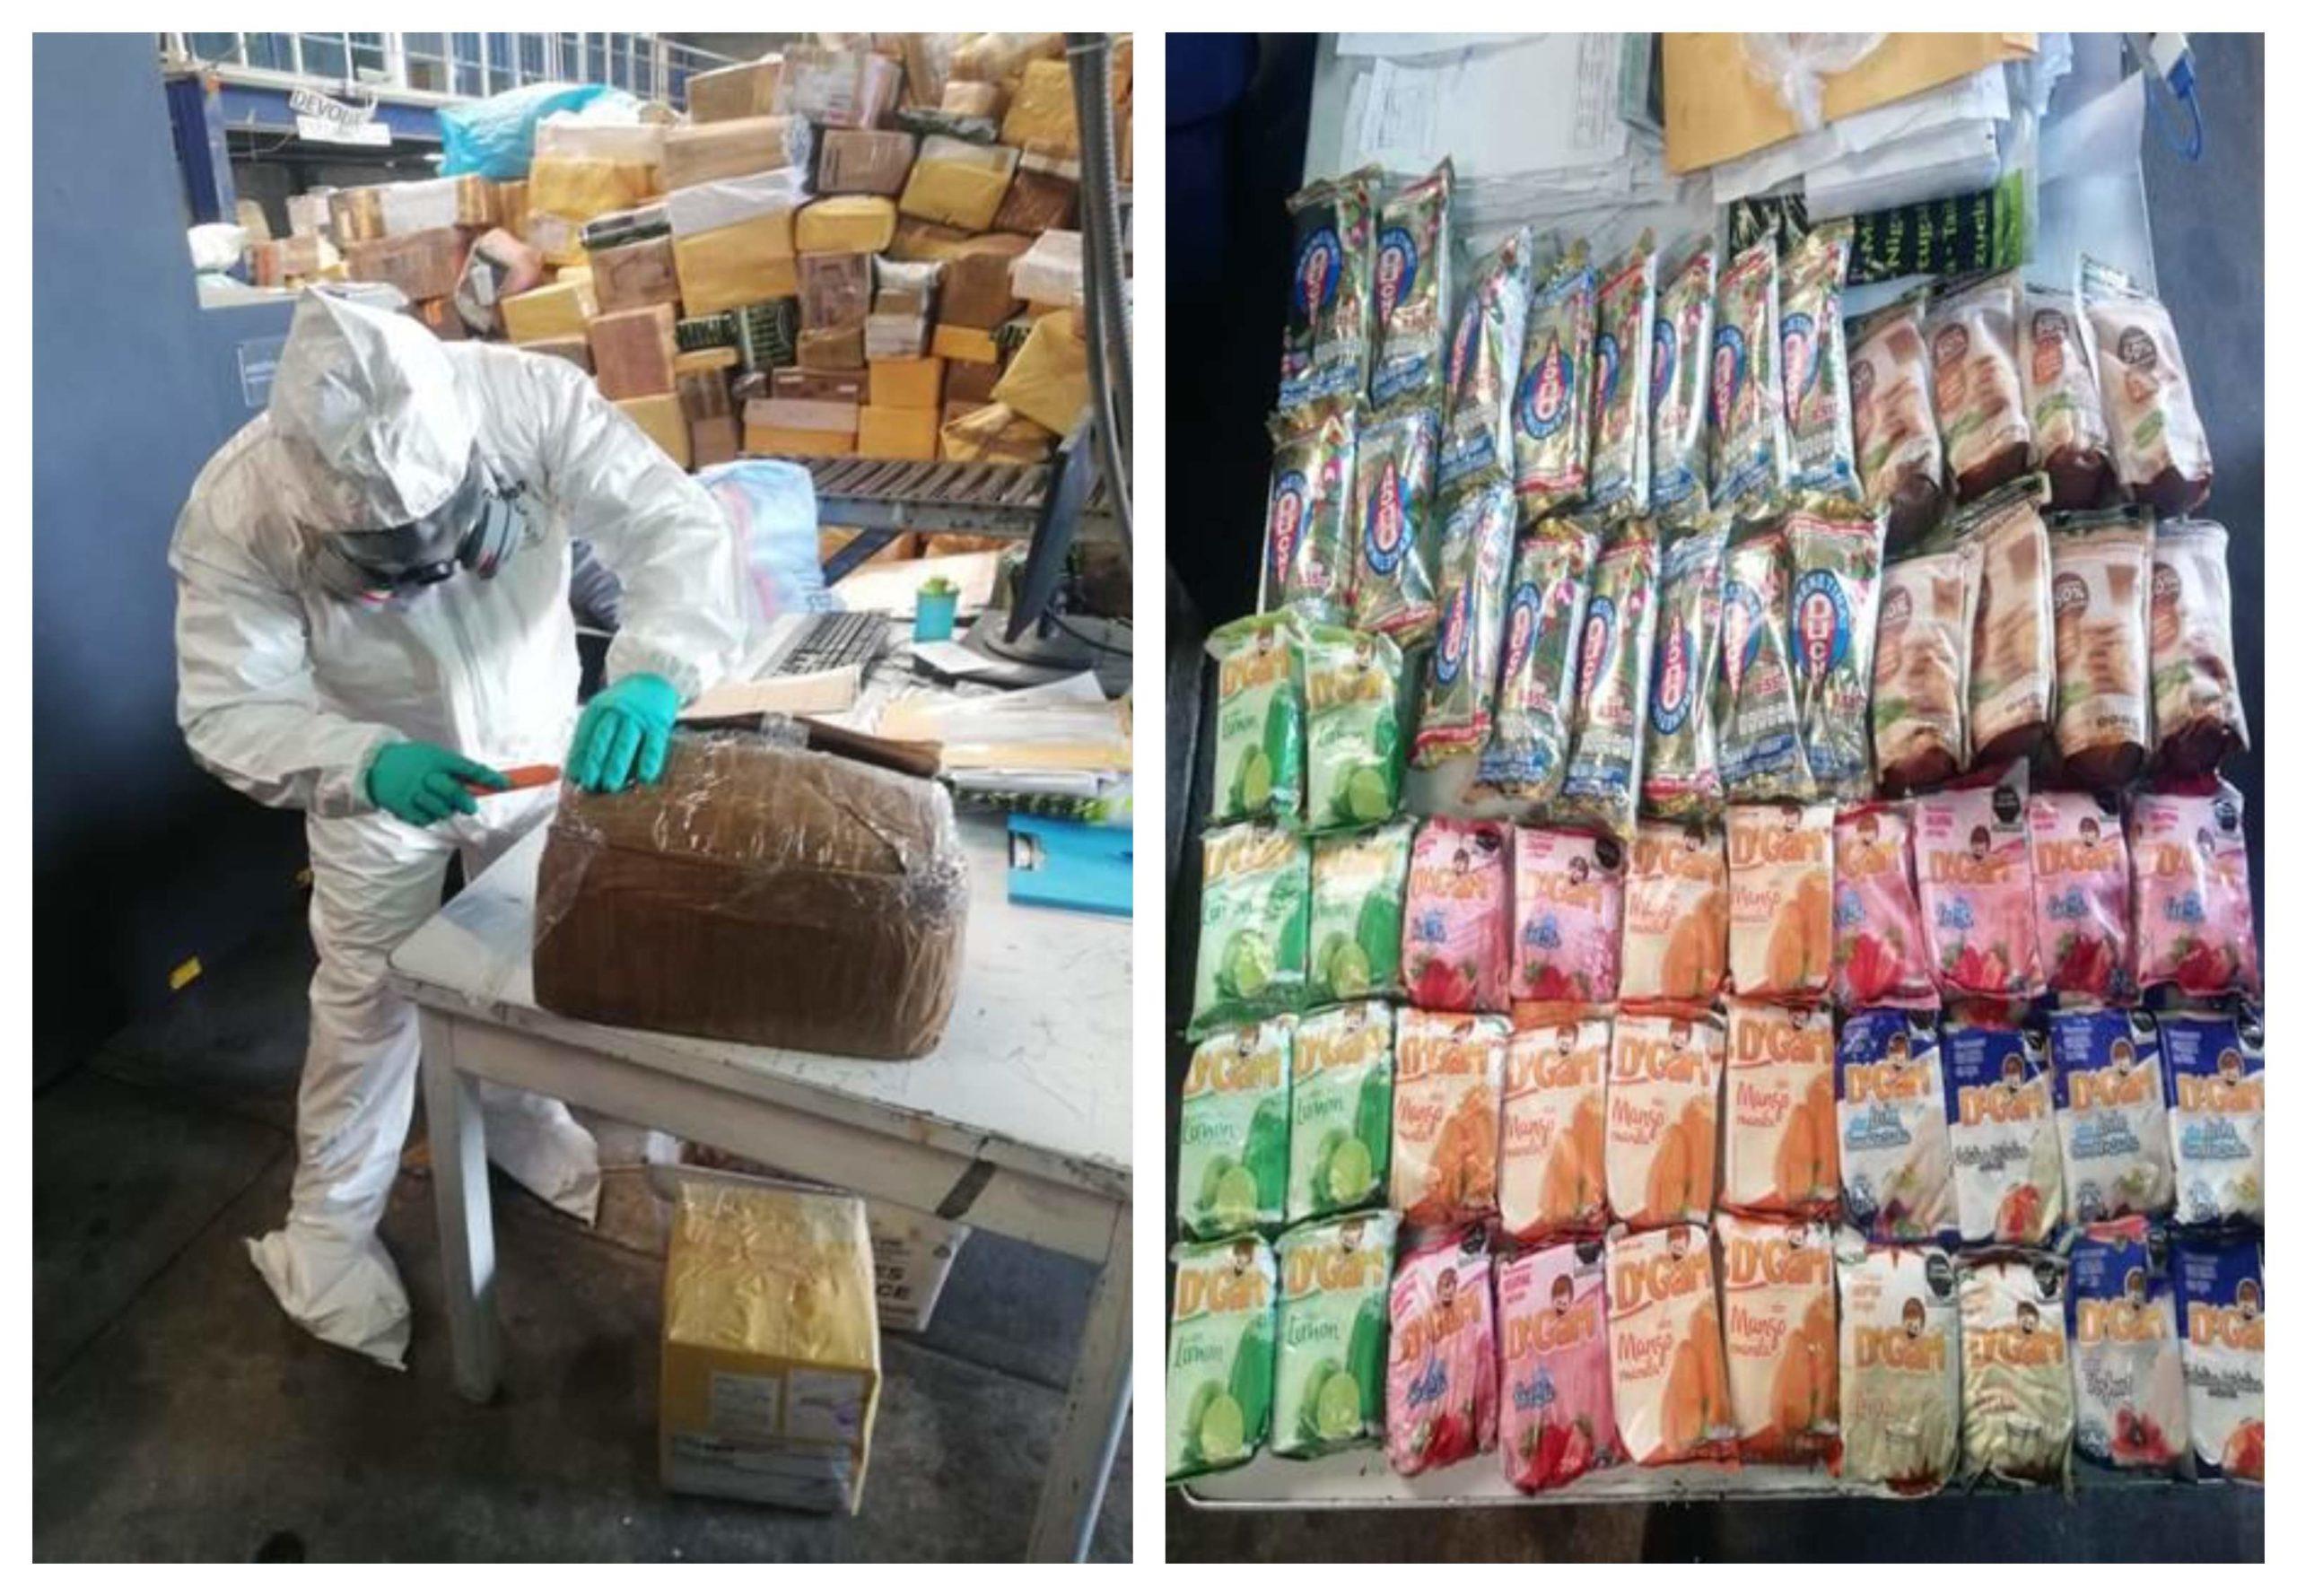 Guardia Nacional y SAT decomisaron kilos de metanfetamina en empaques de gelatina